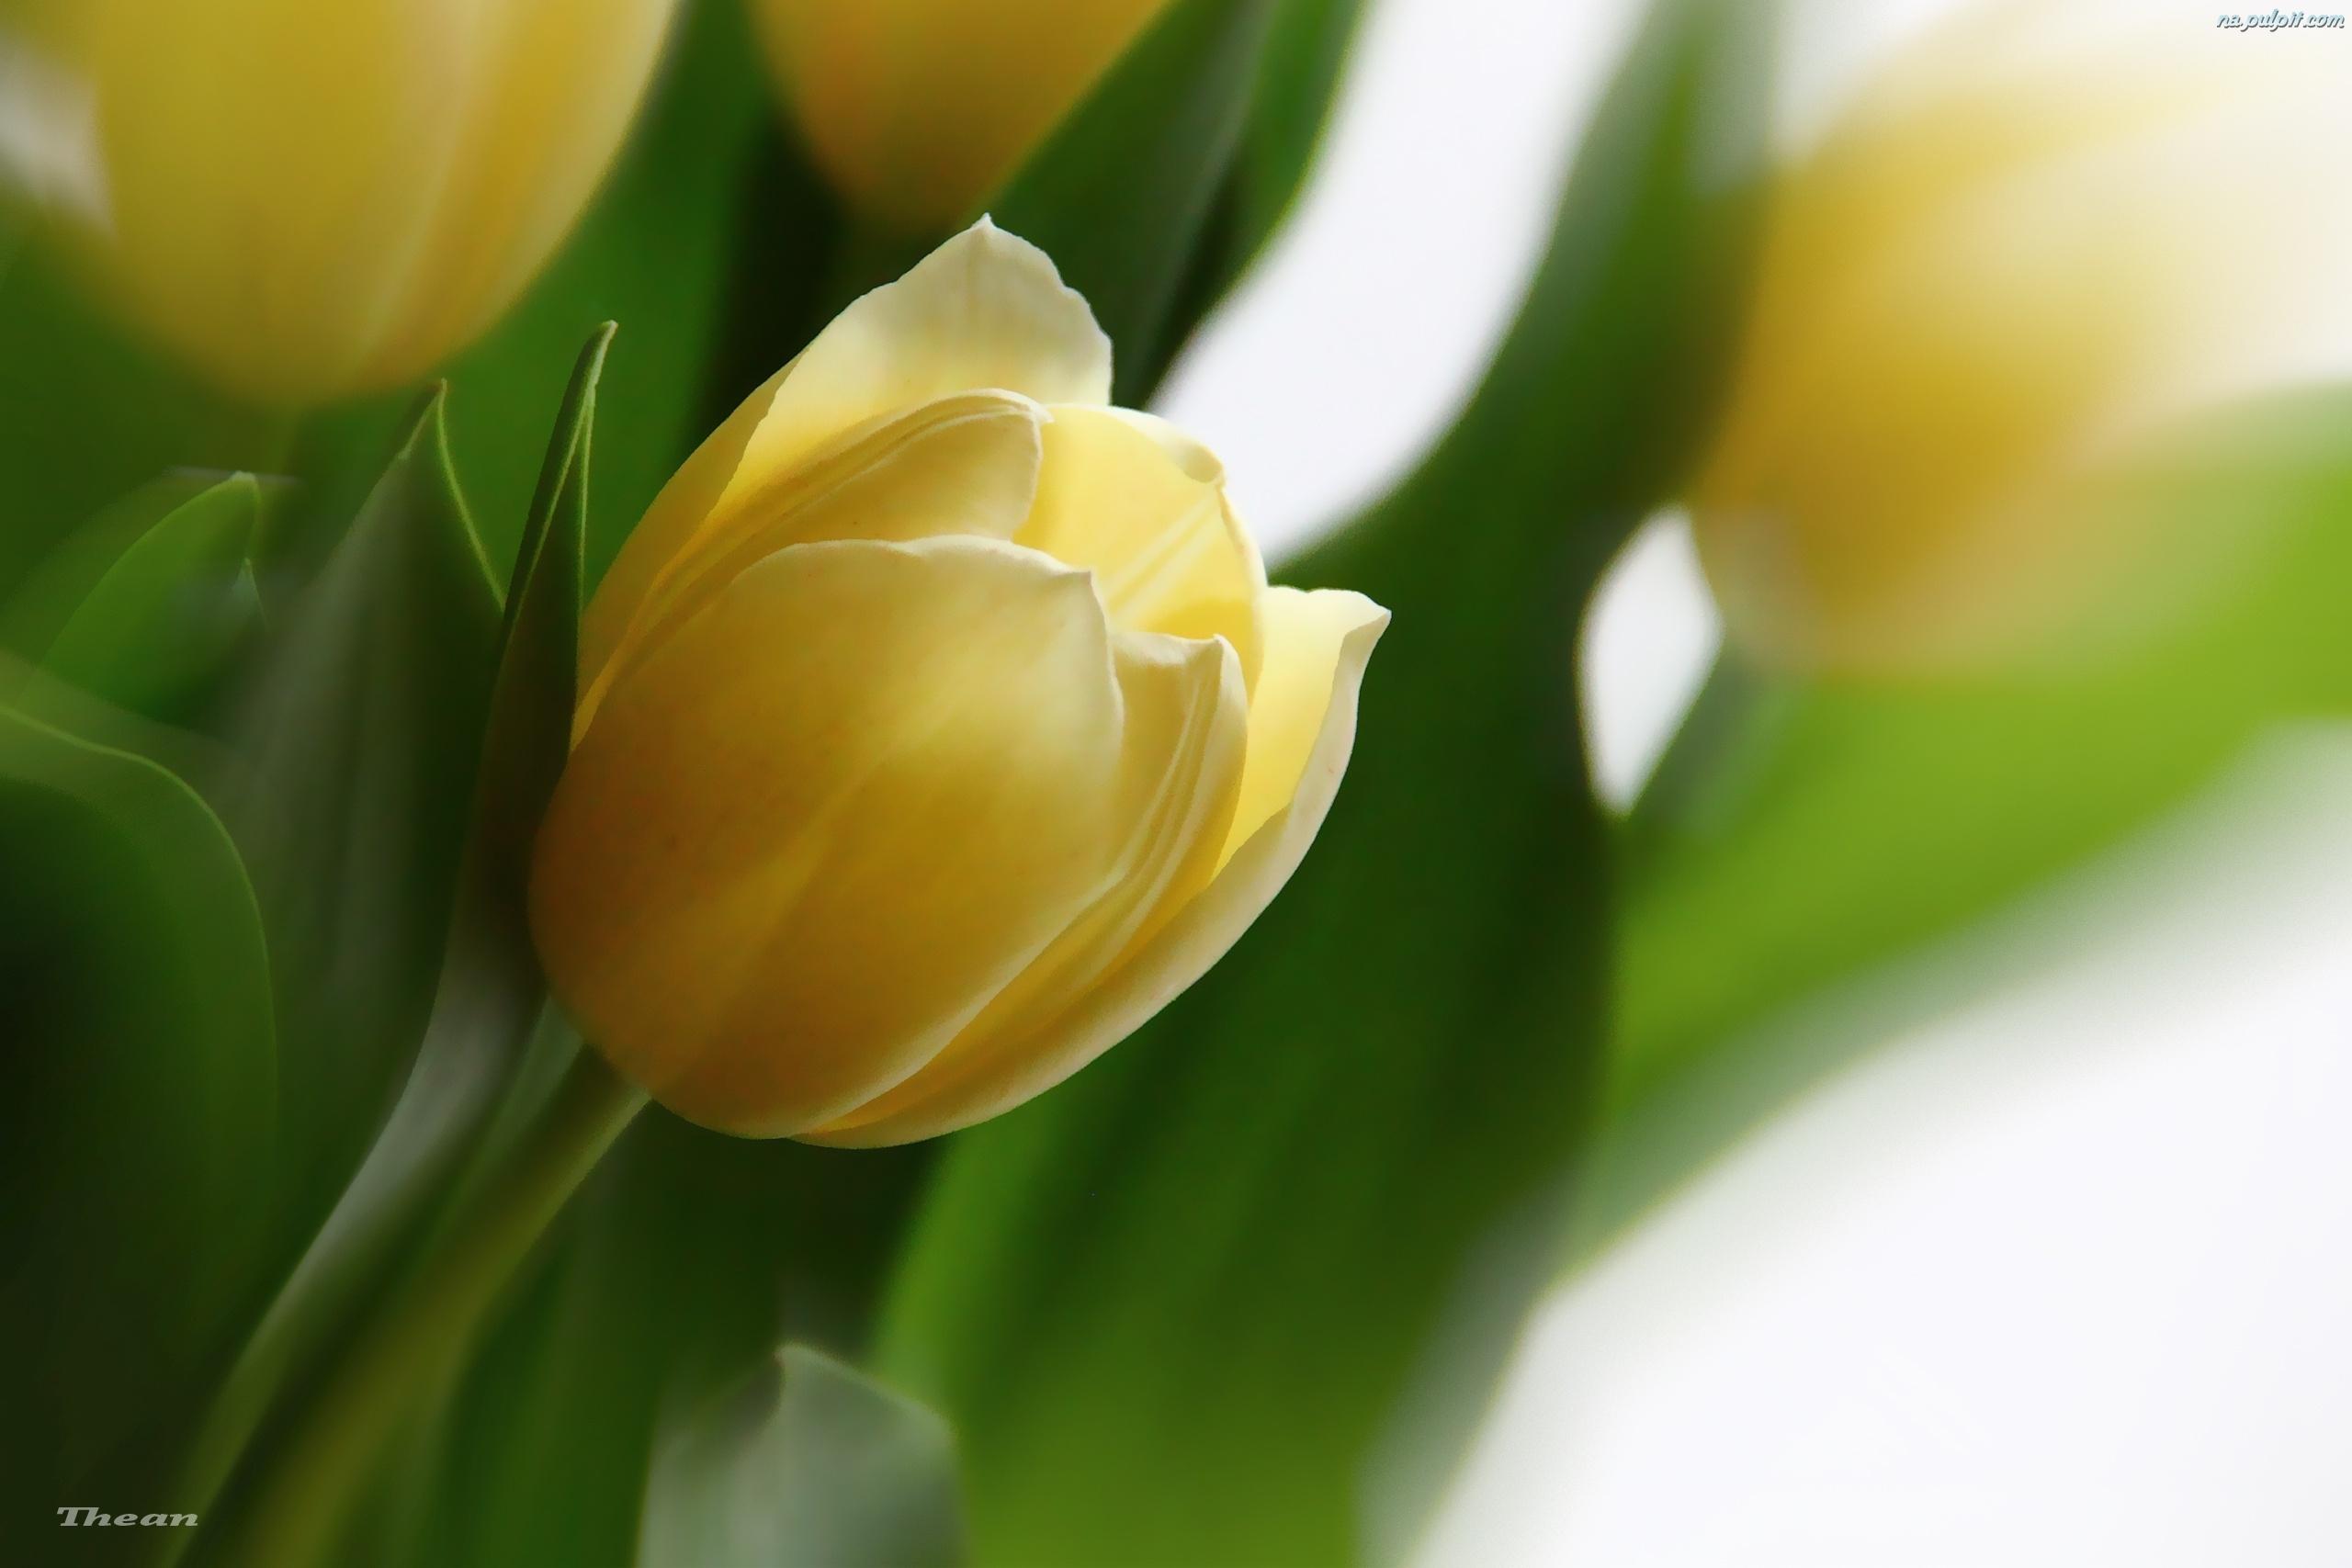 Tulipany+zdjcia